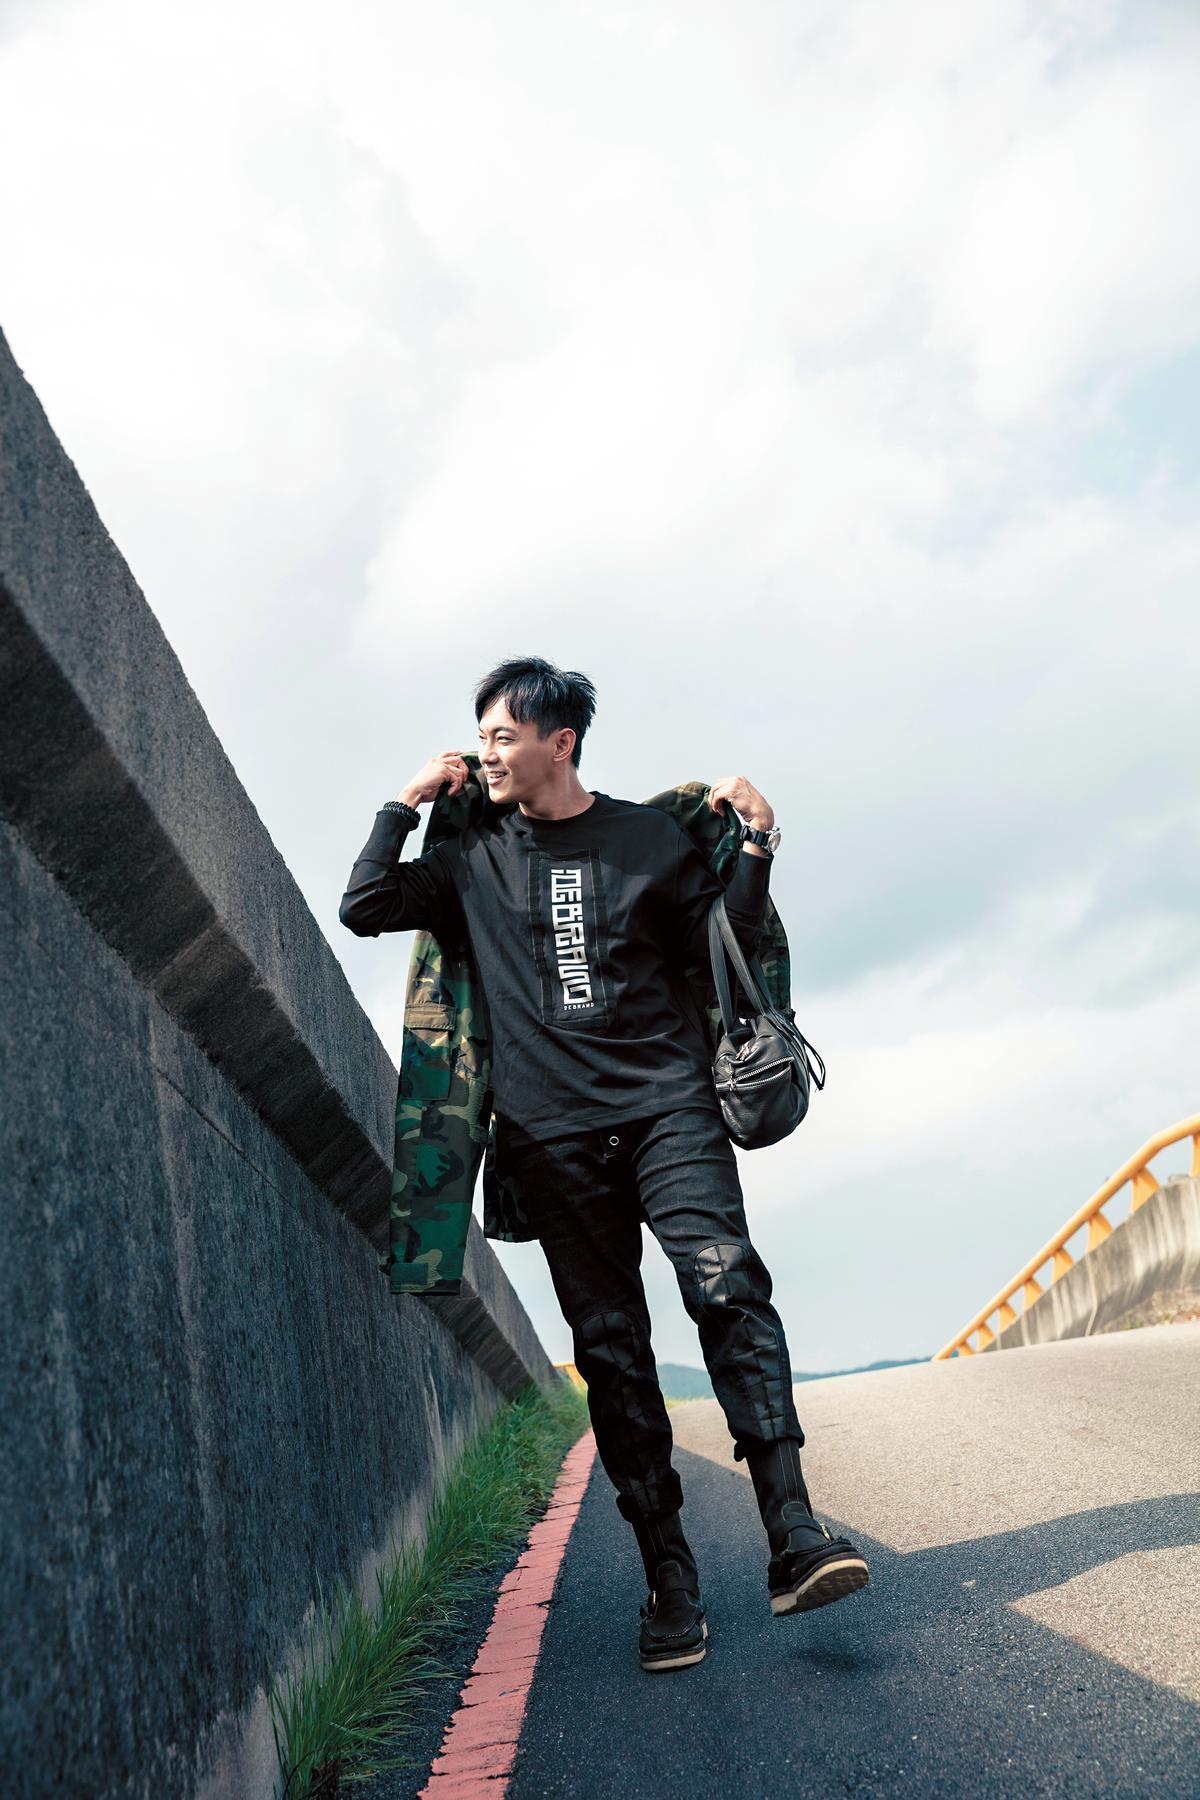 泰國二手店買的綠色迷彩外套。約NT$2,000/DEBRAND(吳克群的個人潮牌)黑色T-Shirt。約NT$3,600/DEBRAND黑色長褲。約NT$2,800/wisdom高筒靴。約NT$6,000。